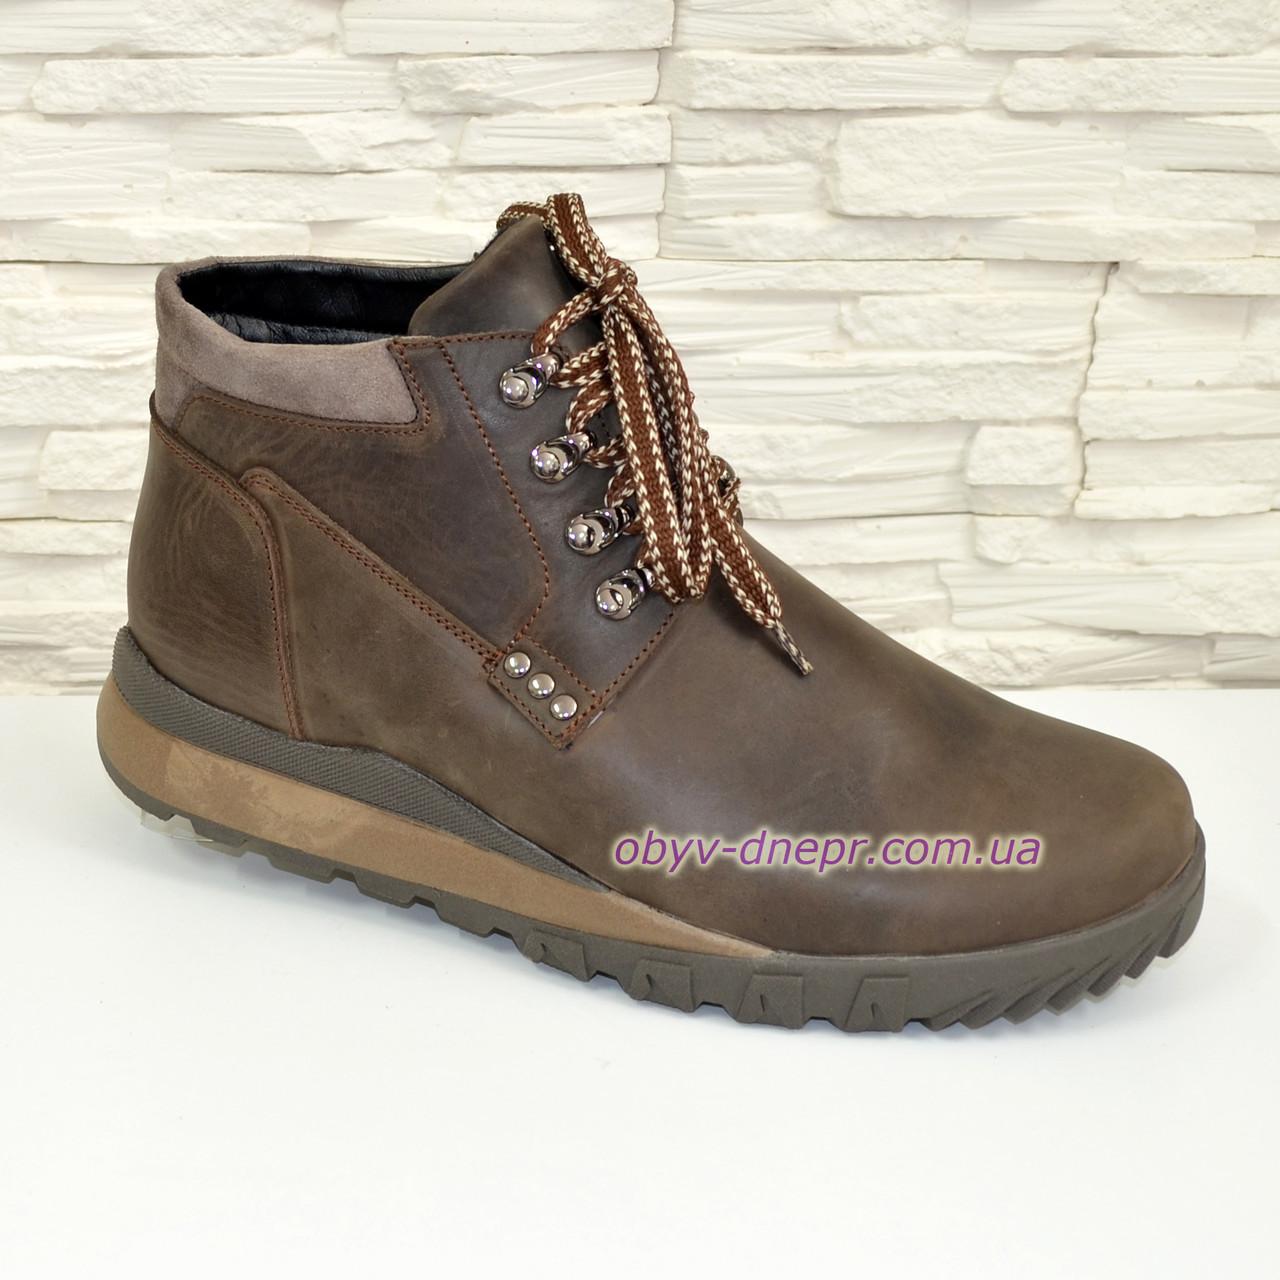 Ботинки мужские на шнуровке, натуральная кожа крейзи